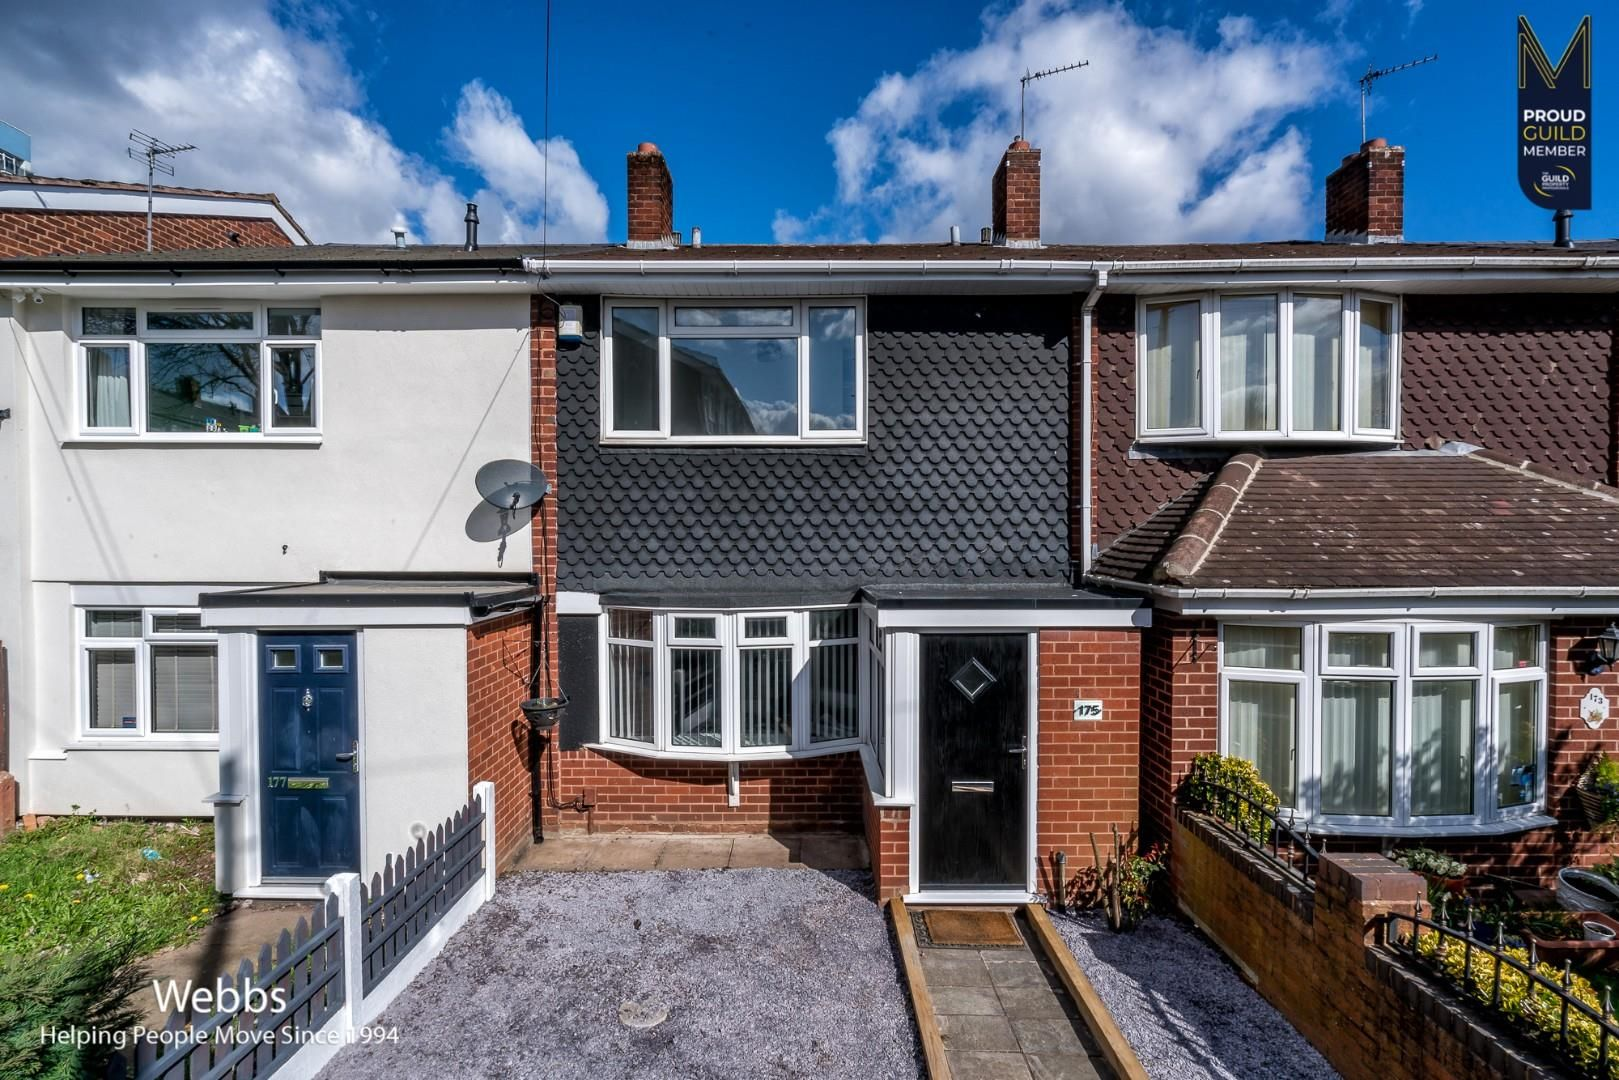 Property photo 1 of 23. Millfield Avenue, Bloxwich